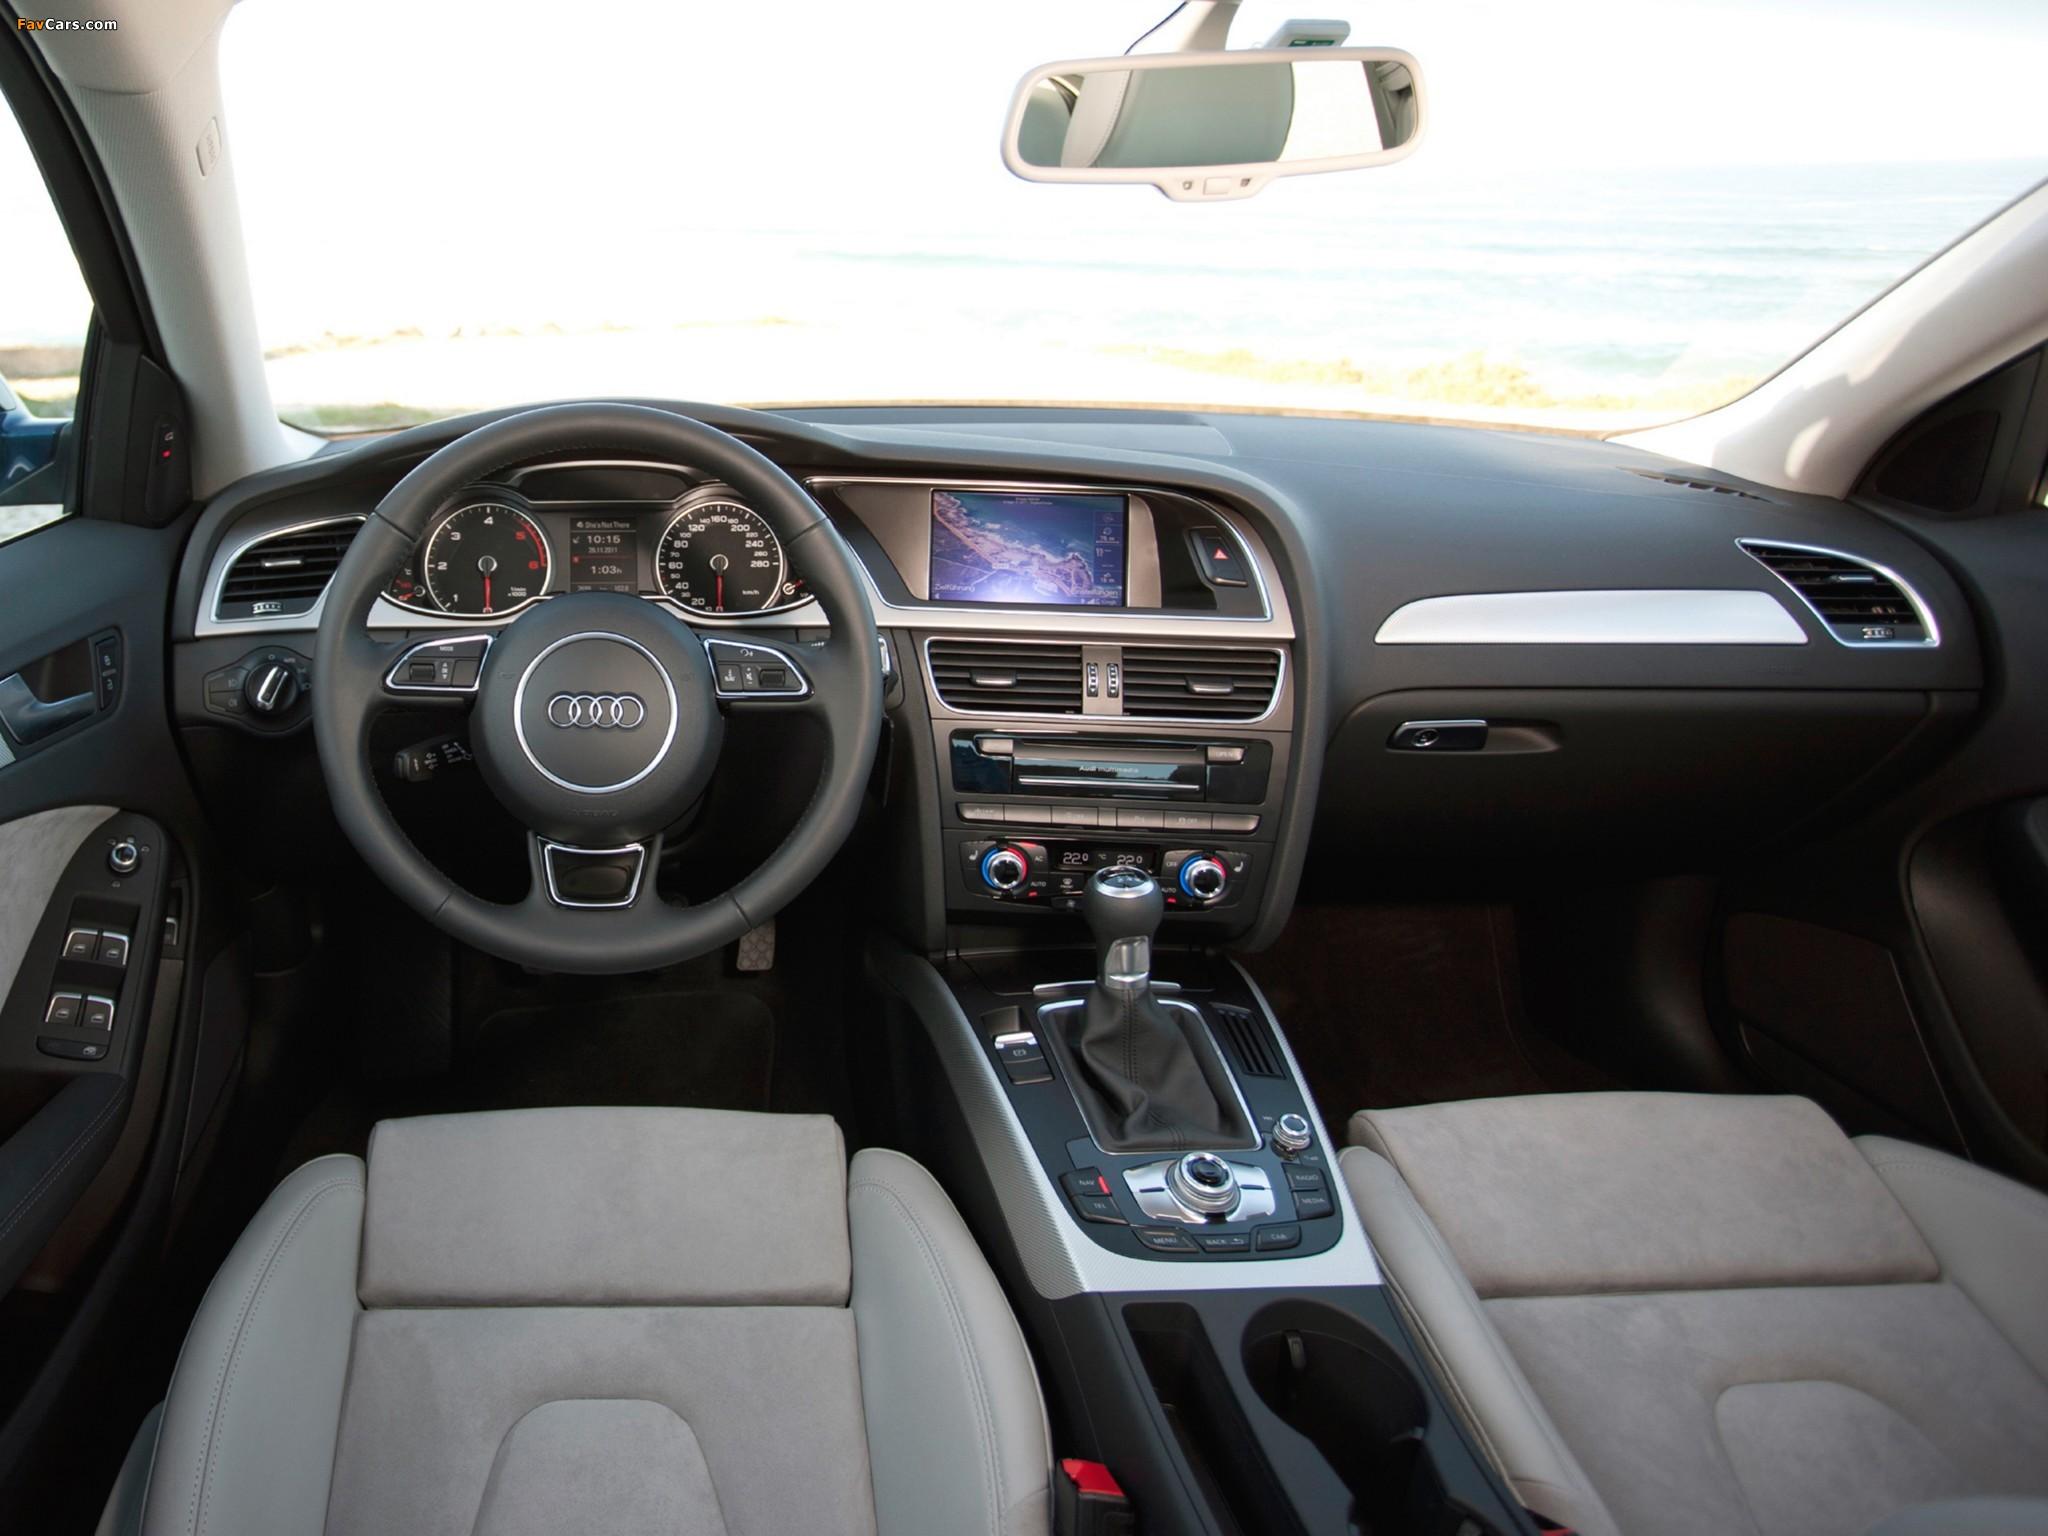 Как работает ассистент трогания АНА на Audi А4 В8?